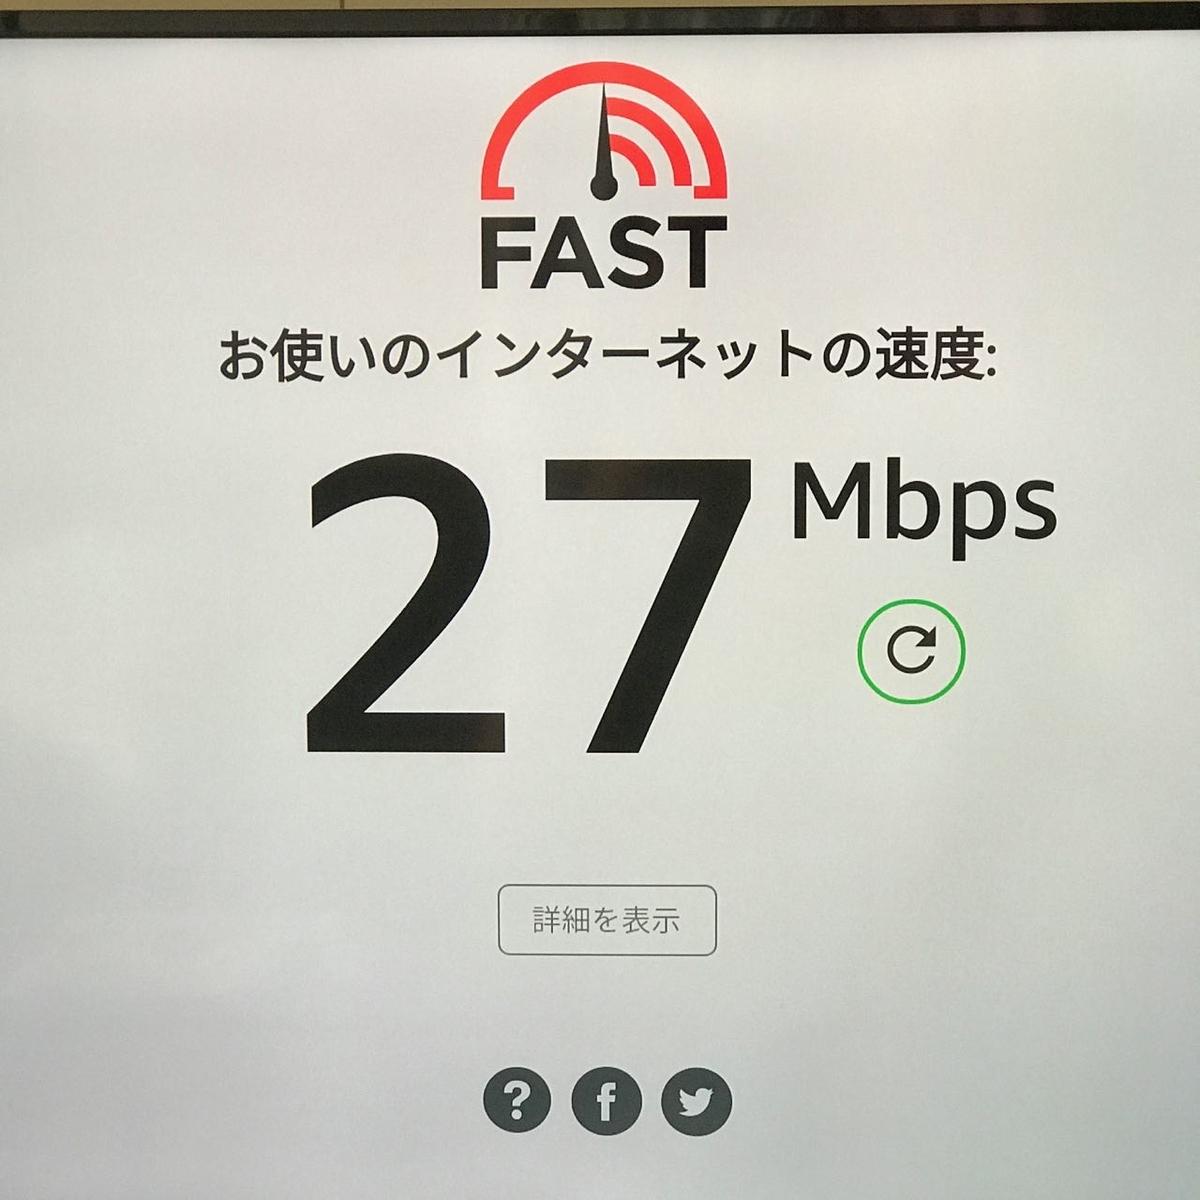 27Mbps